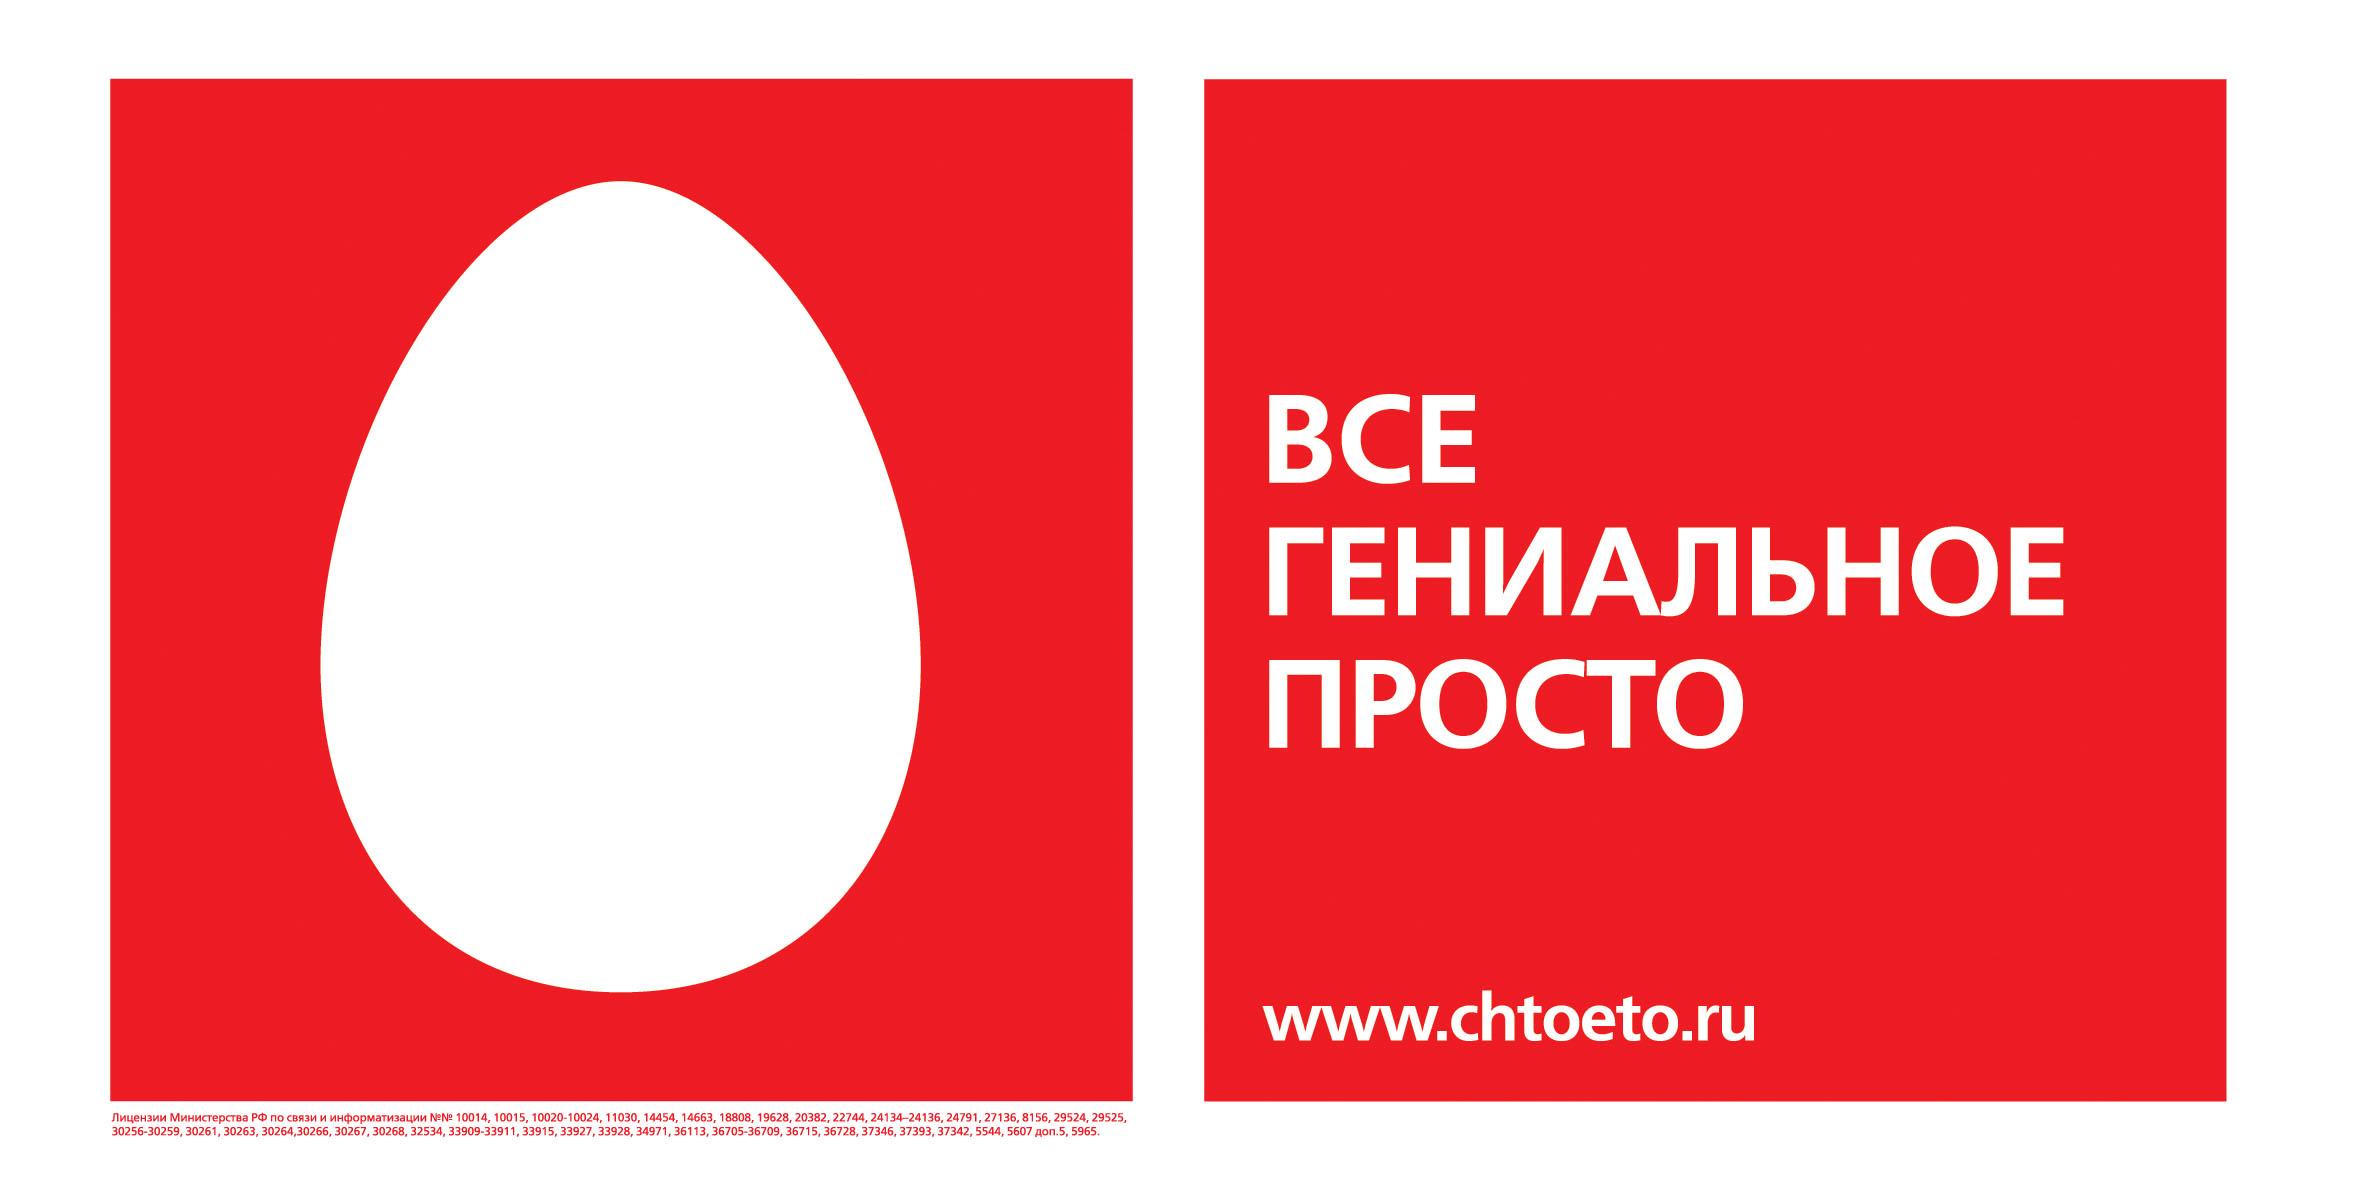 Гжегож Эш ru Новости рекламы маркетинга pr  Мобильный гуру заслуженно называют Гжегожа на родине в Польше